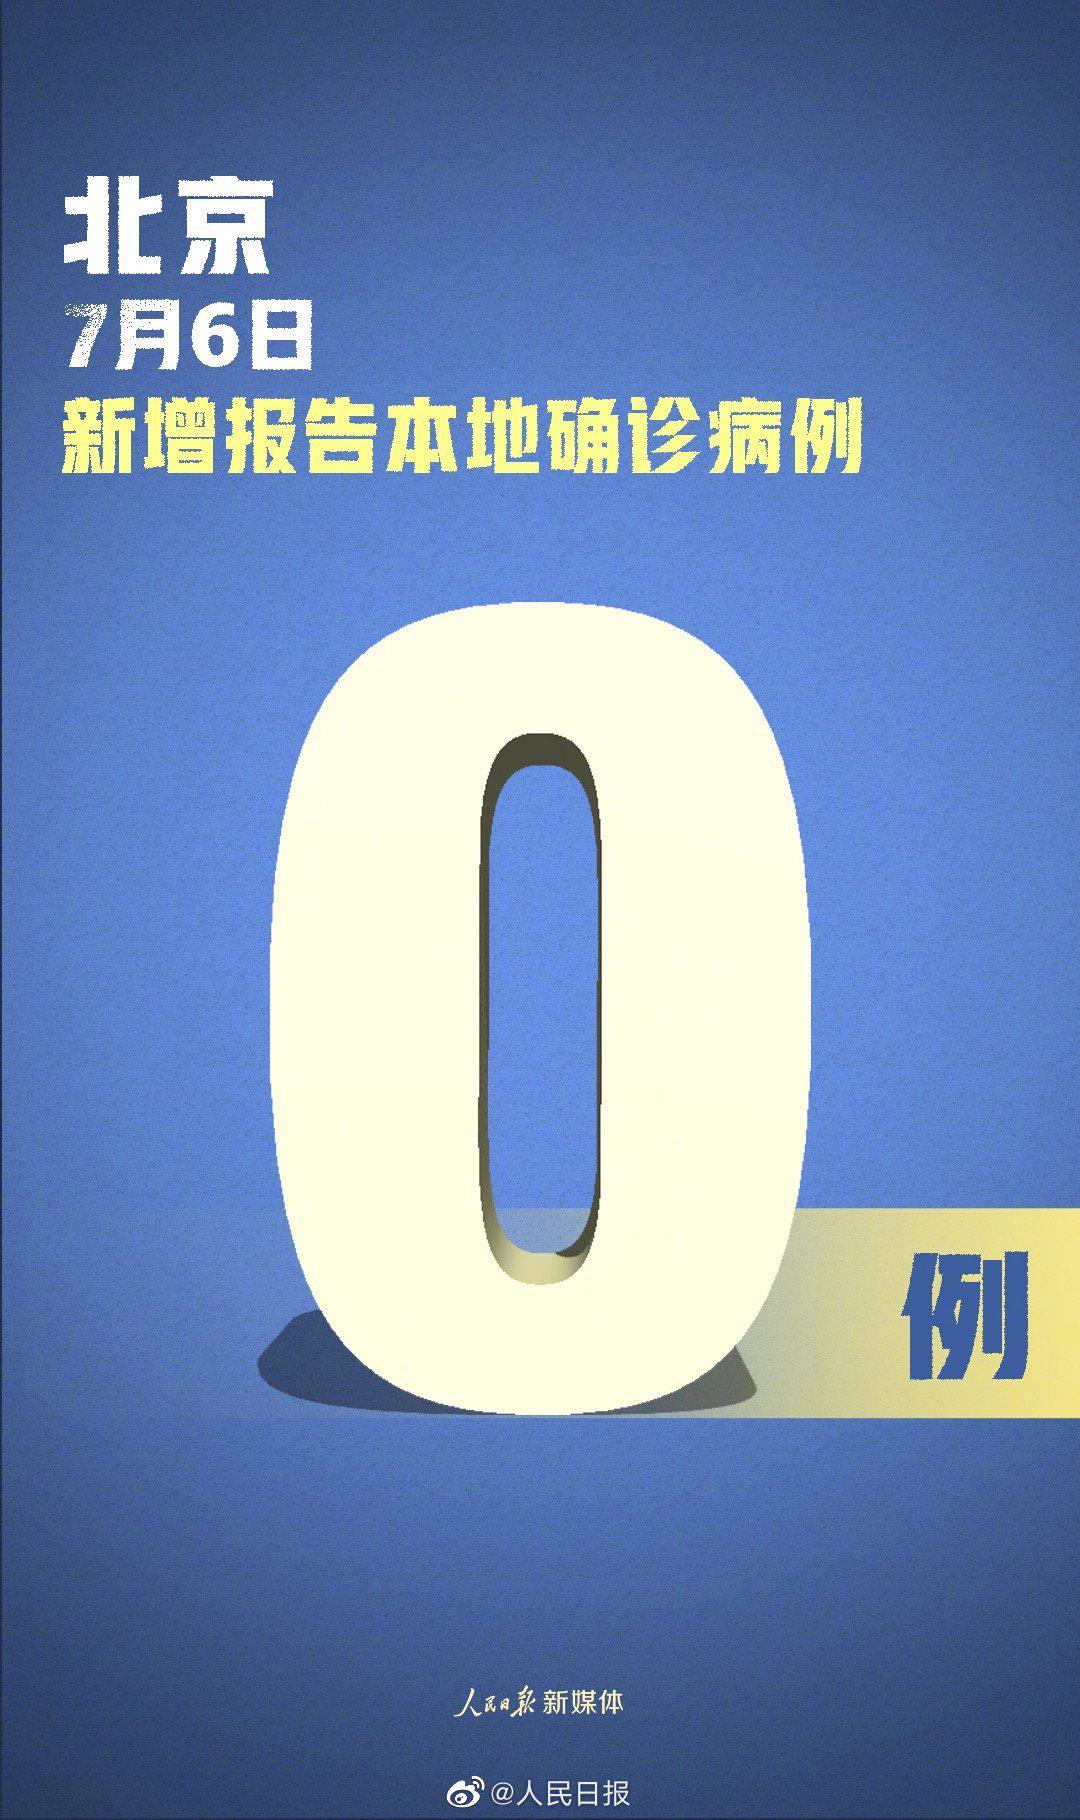 继续加油!北京新发地疫情以来首次新增确诊为零图片